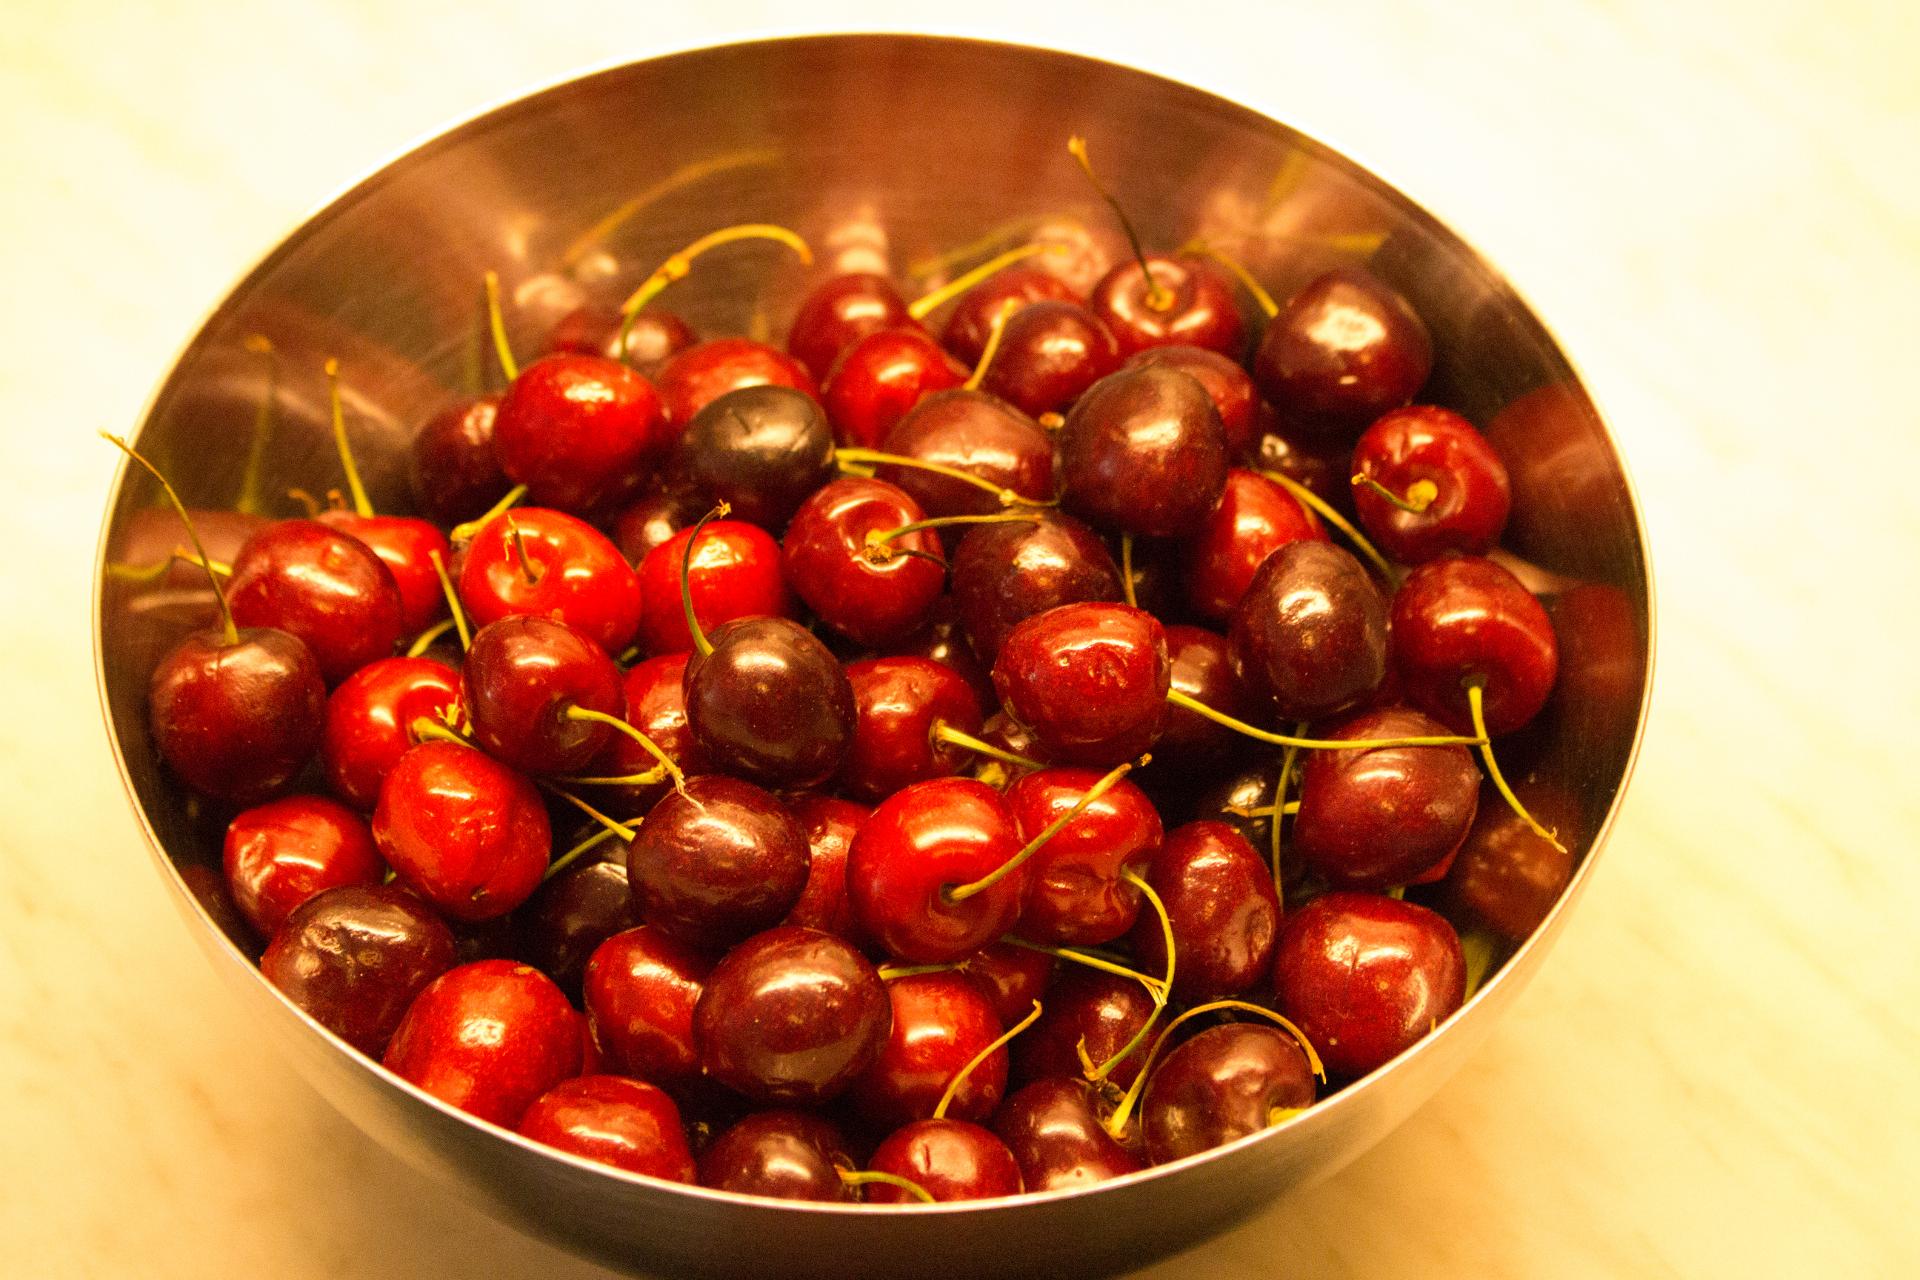 Firsch Erdbeeren im Korb